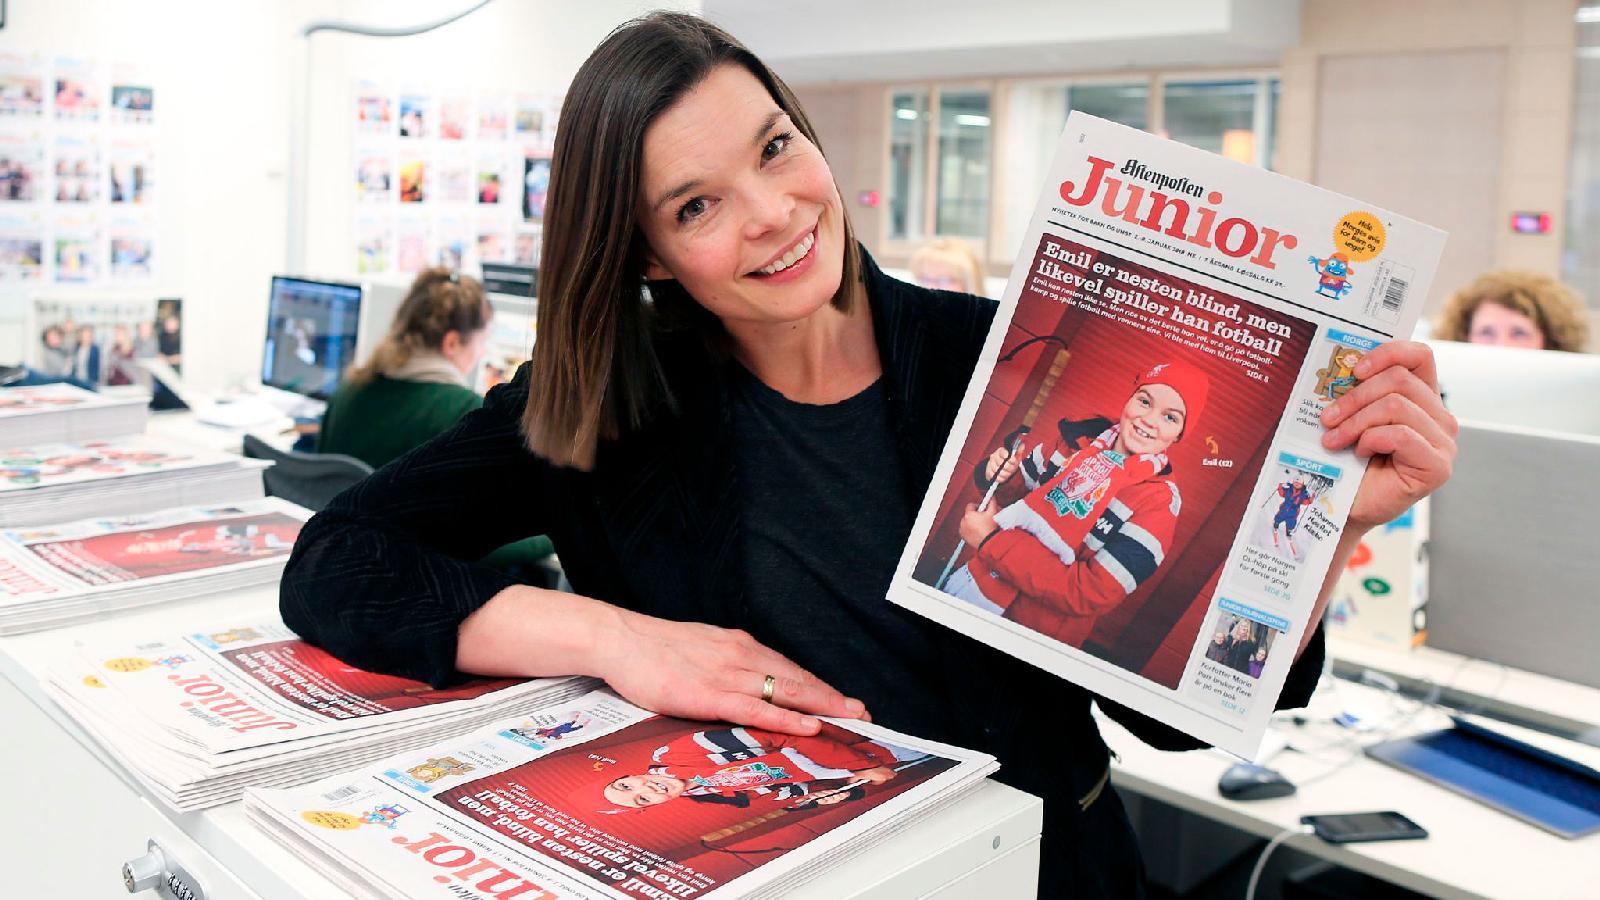 Aftenposten Junior пользуется у детей большим успехом. Тираж еженедельной газеты составляет 30 000 экземпляров